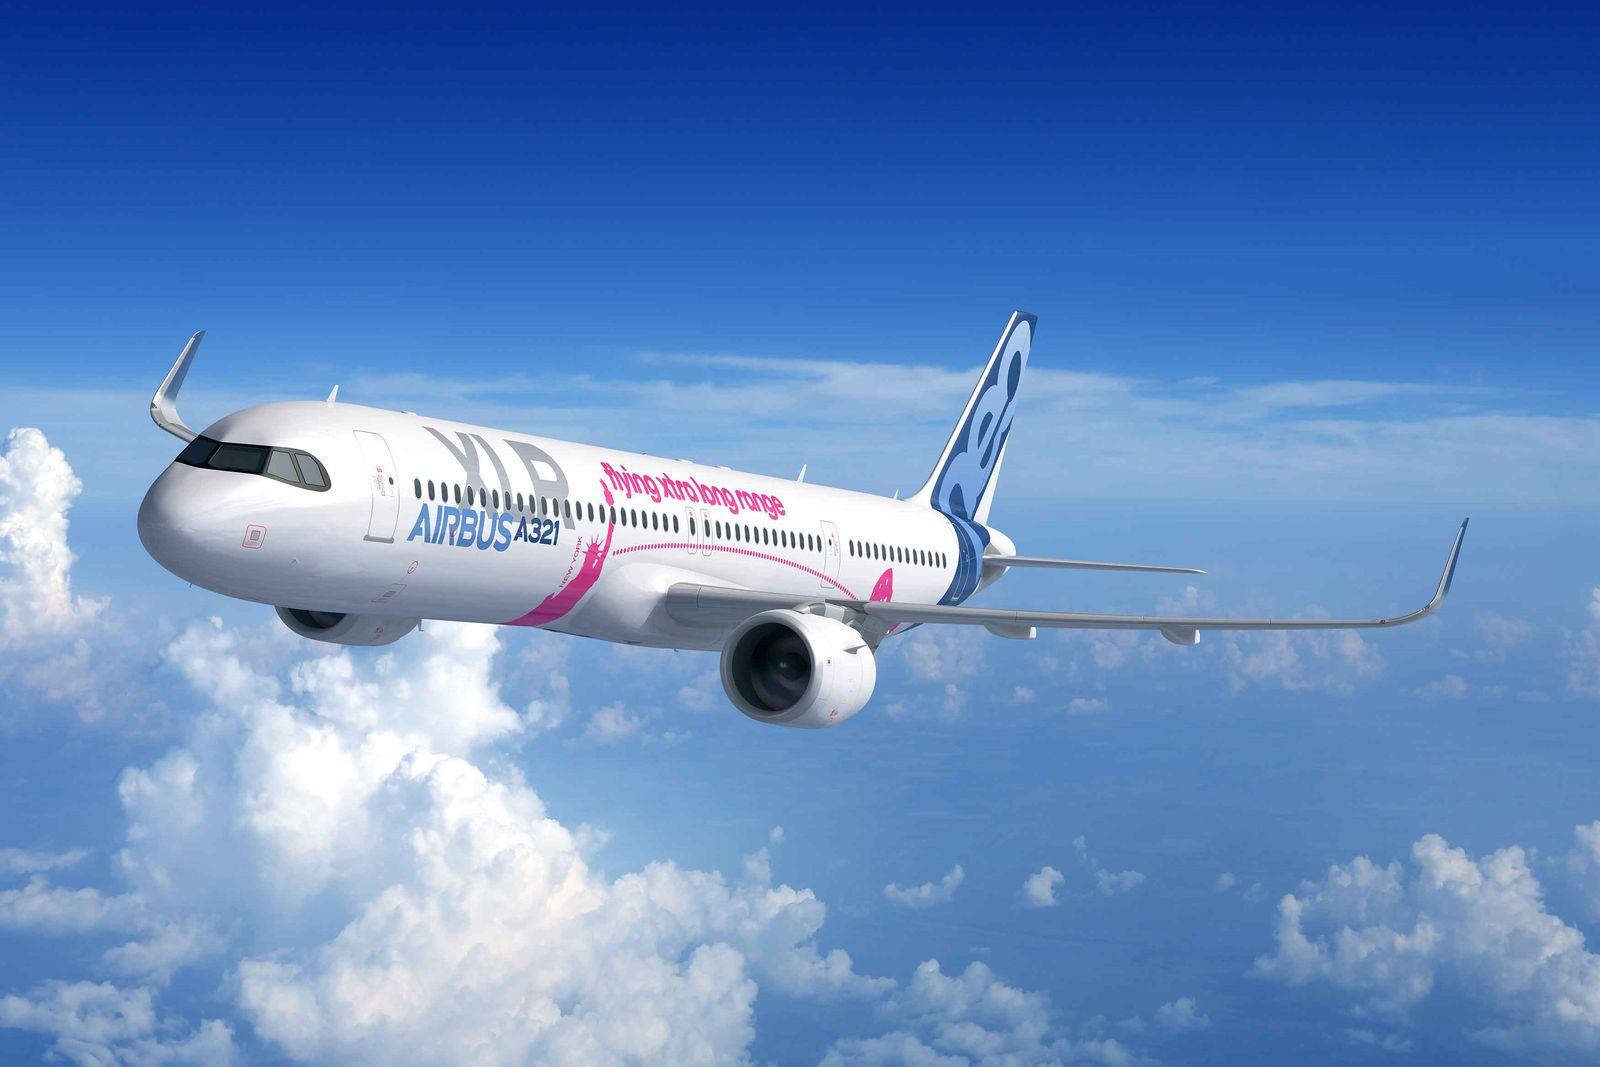 36-Airbus-A321XLR-f-r-Qantas